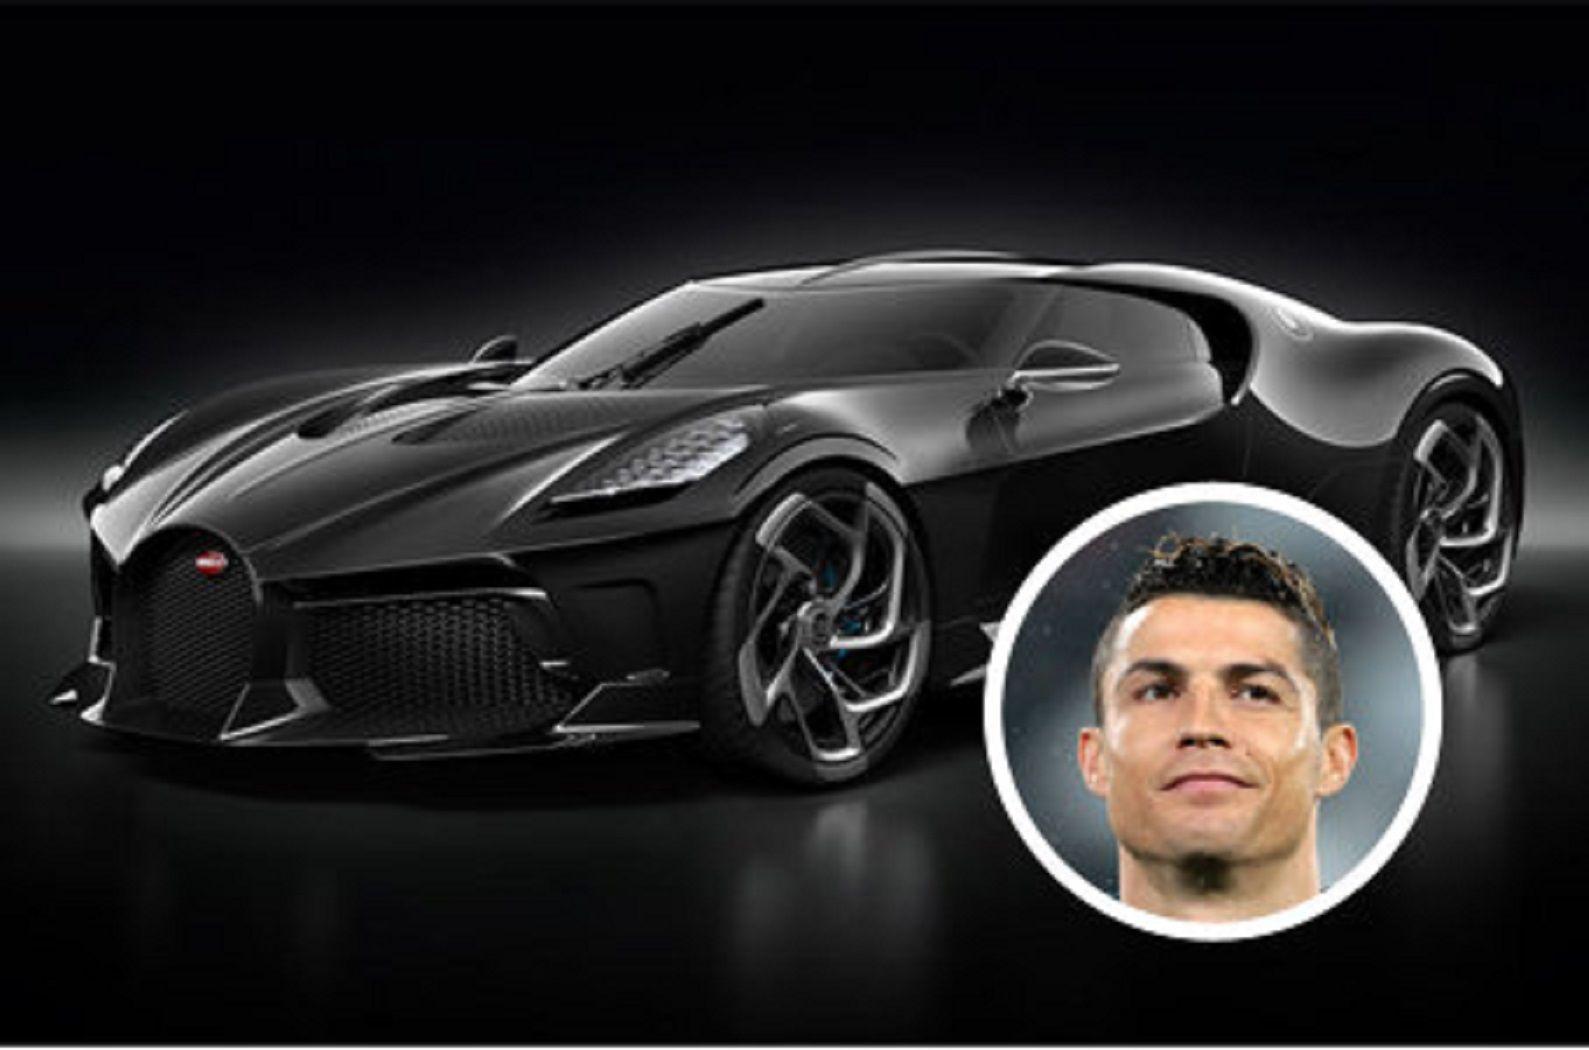 Vi ricordate l'auto più costosa al mondo? L'ha comprata Cristiano ...